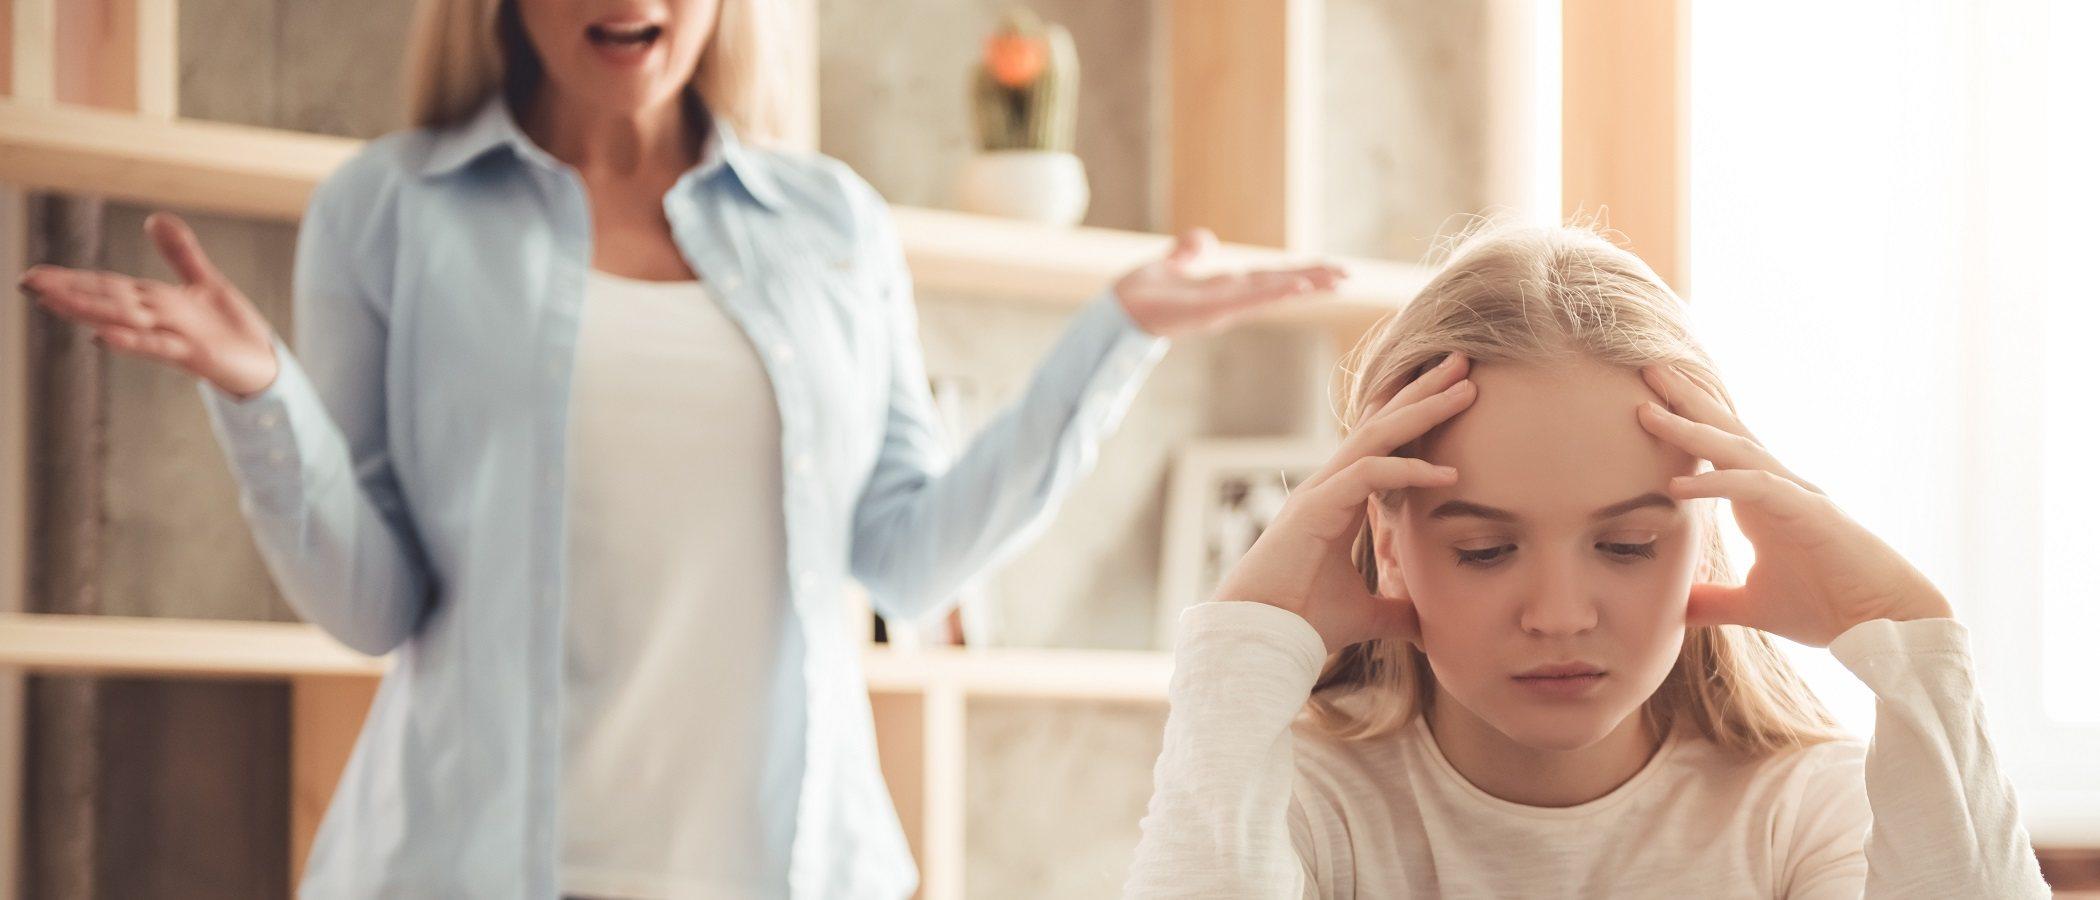 ¿Es posible el poder entrenar la paciencia frente a los hijos?